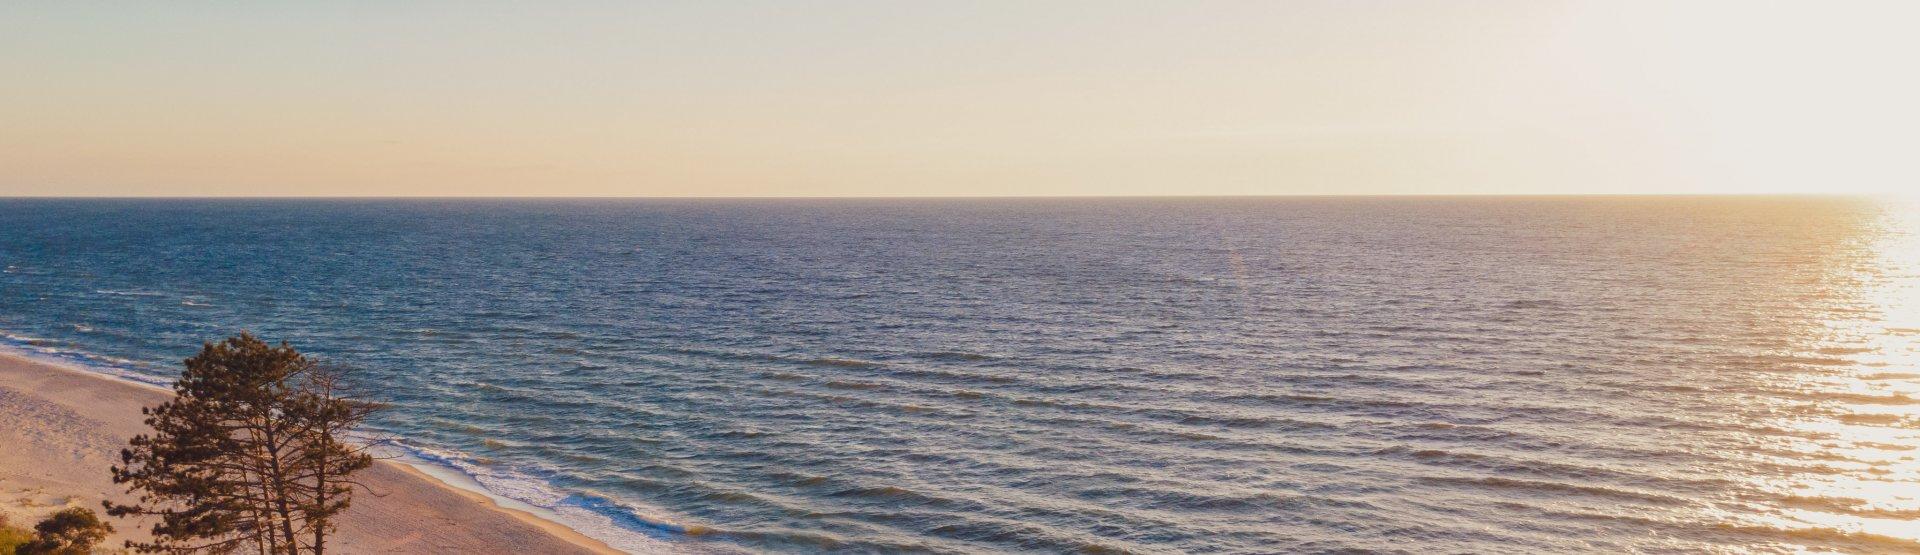 Wrzesień nad morzem 2021